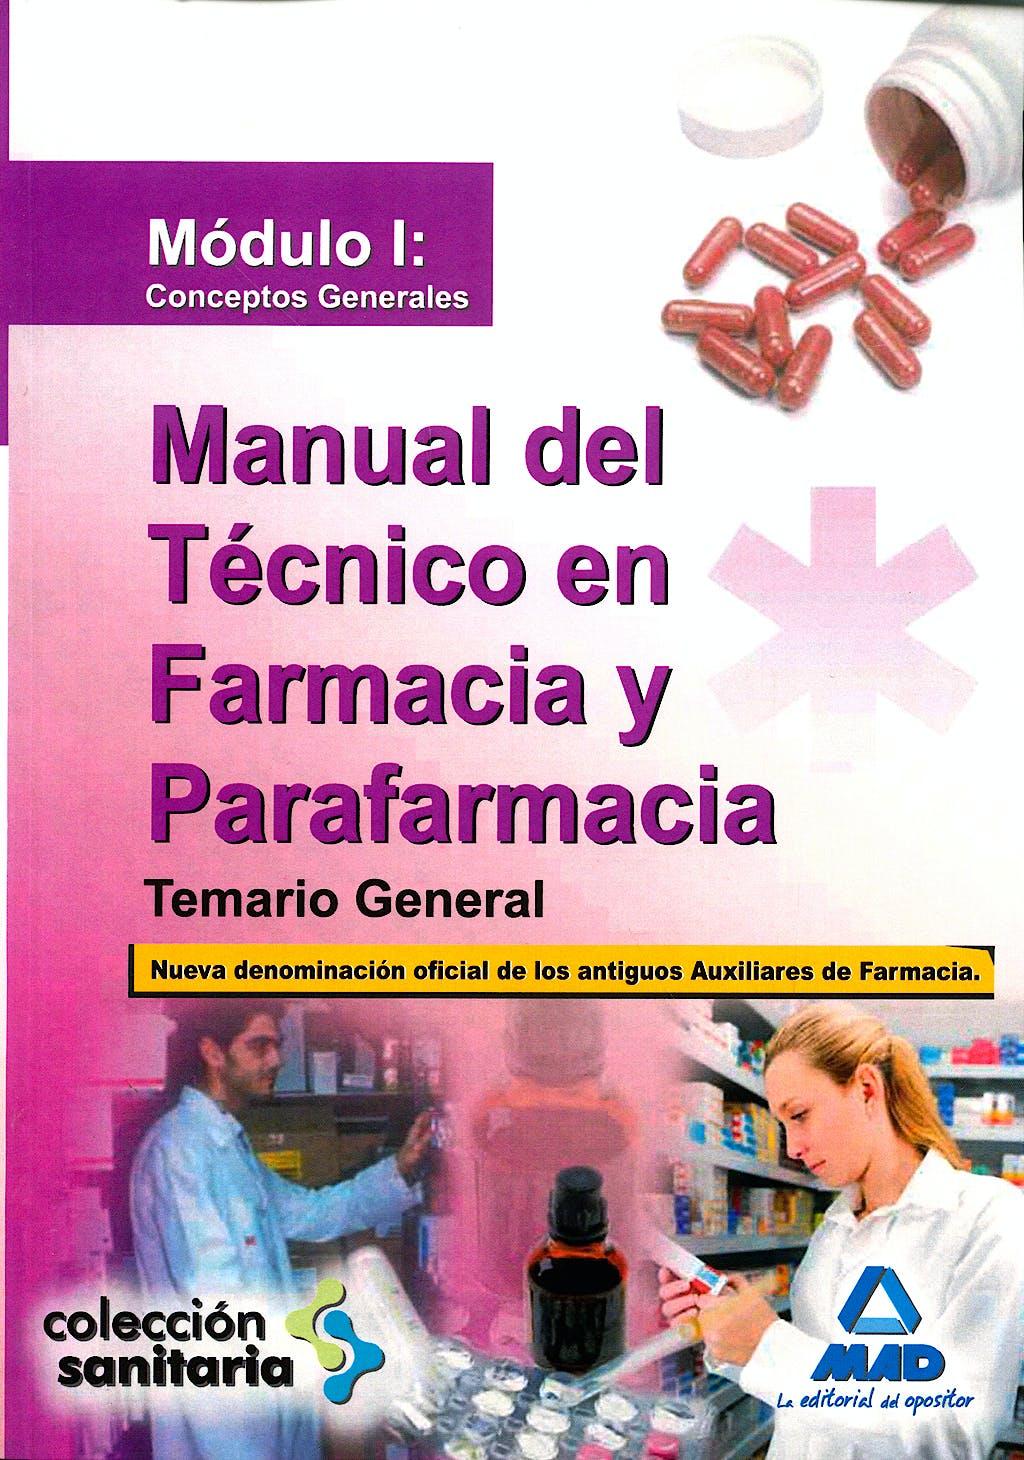 Portada del libro 9788467626322 Manual del Tecnico en Farmacia y Parafarmacia. Temario General. Modulo I: Conceptos Generales